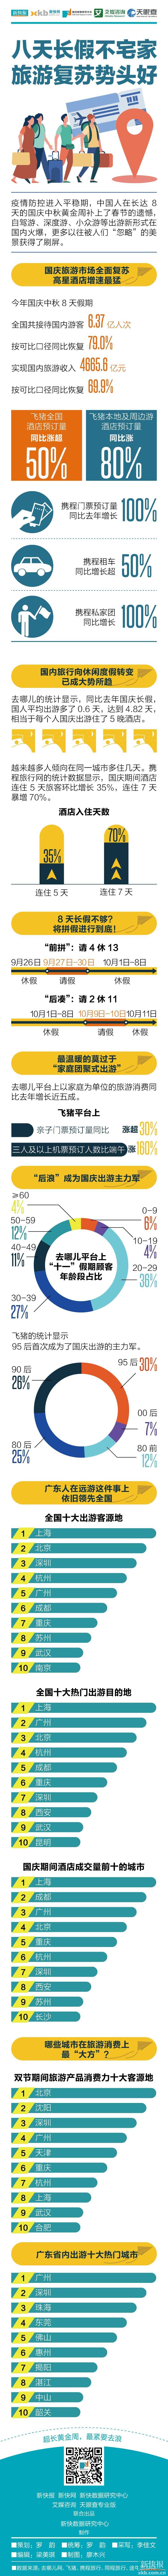 """超长黄金周刺激旅游业复苏 """"多住几天""""成国内游新潮流"""